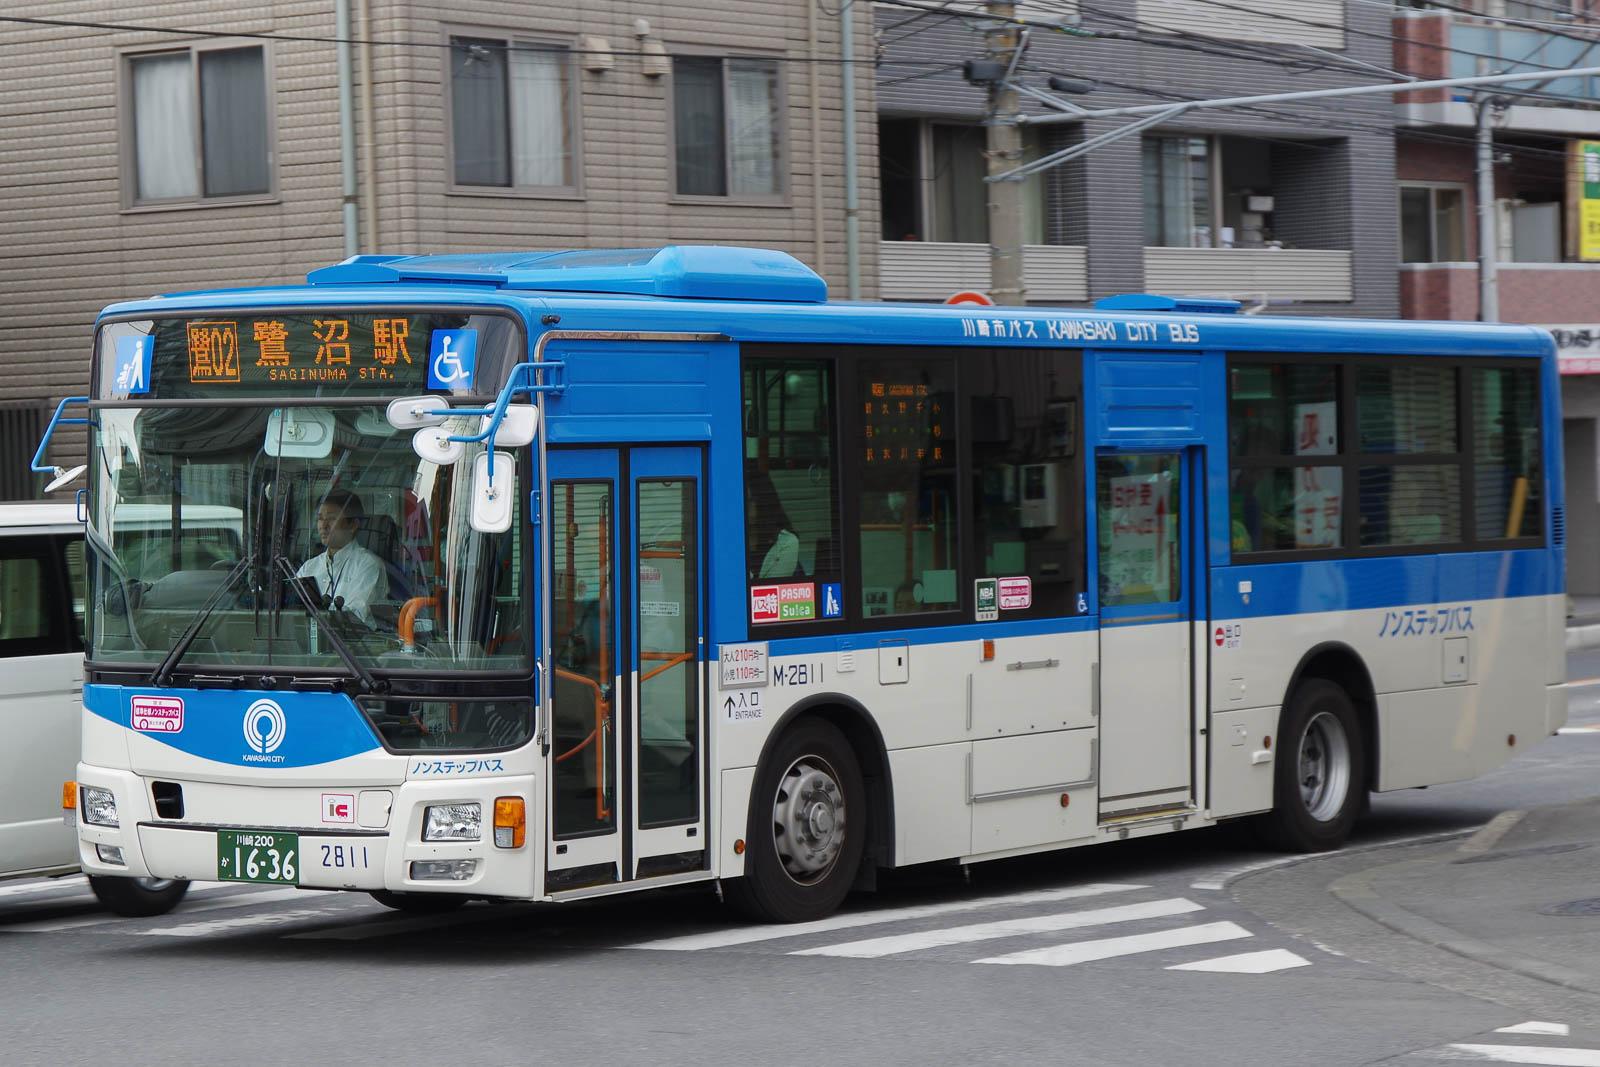 川崎市バス M-2811   路線バス車...